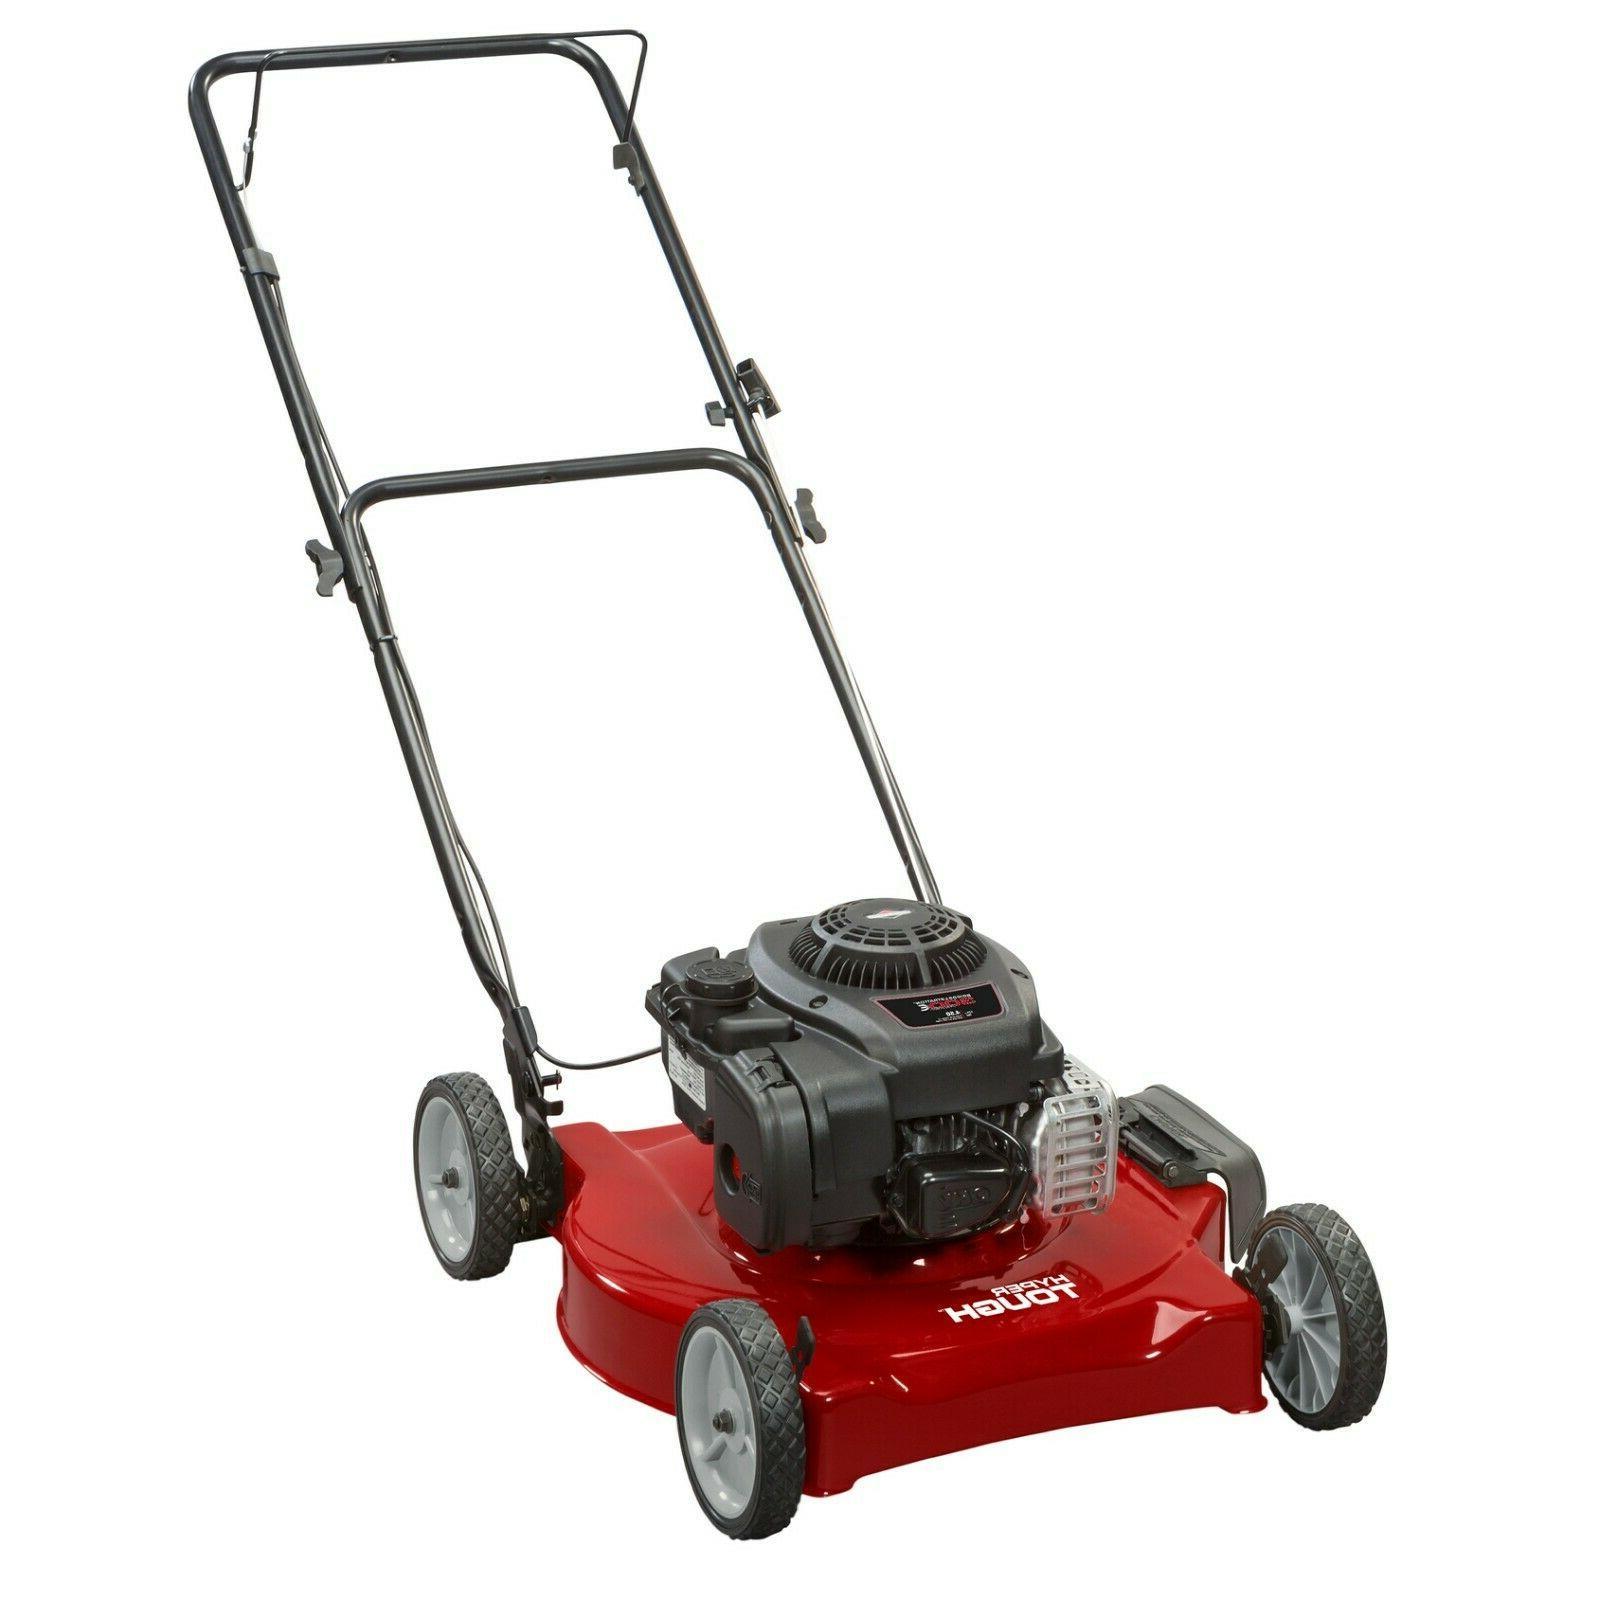 lawn mower briggs and stratton 20 125cc